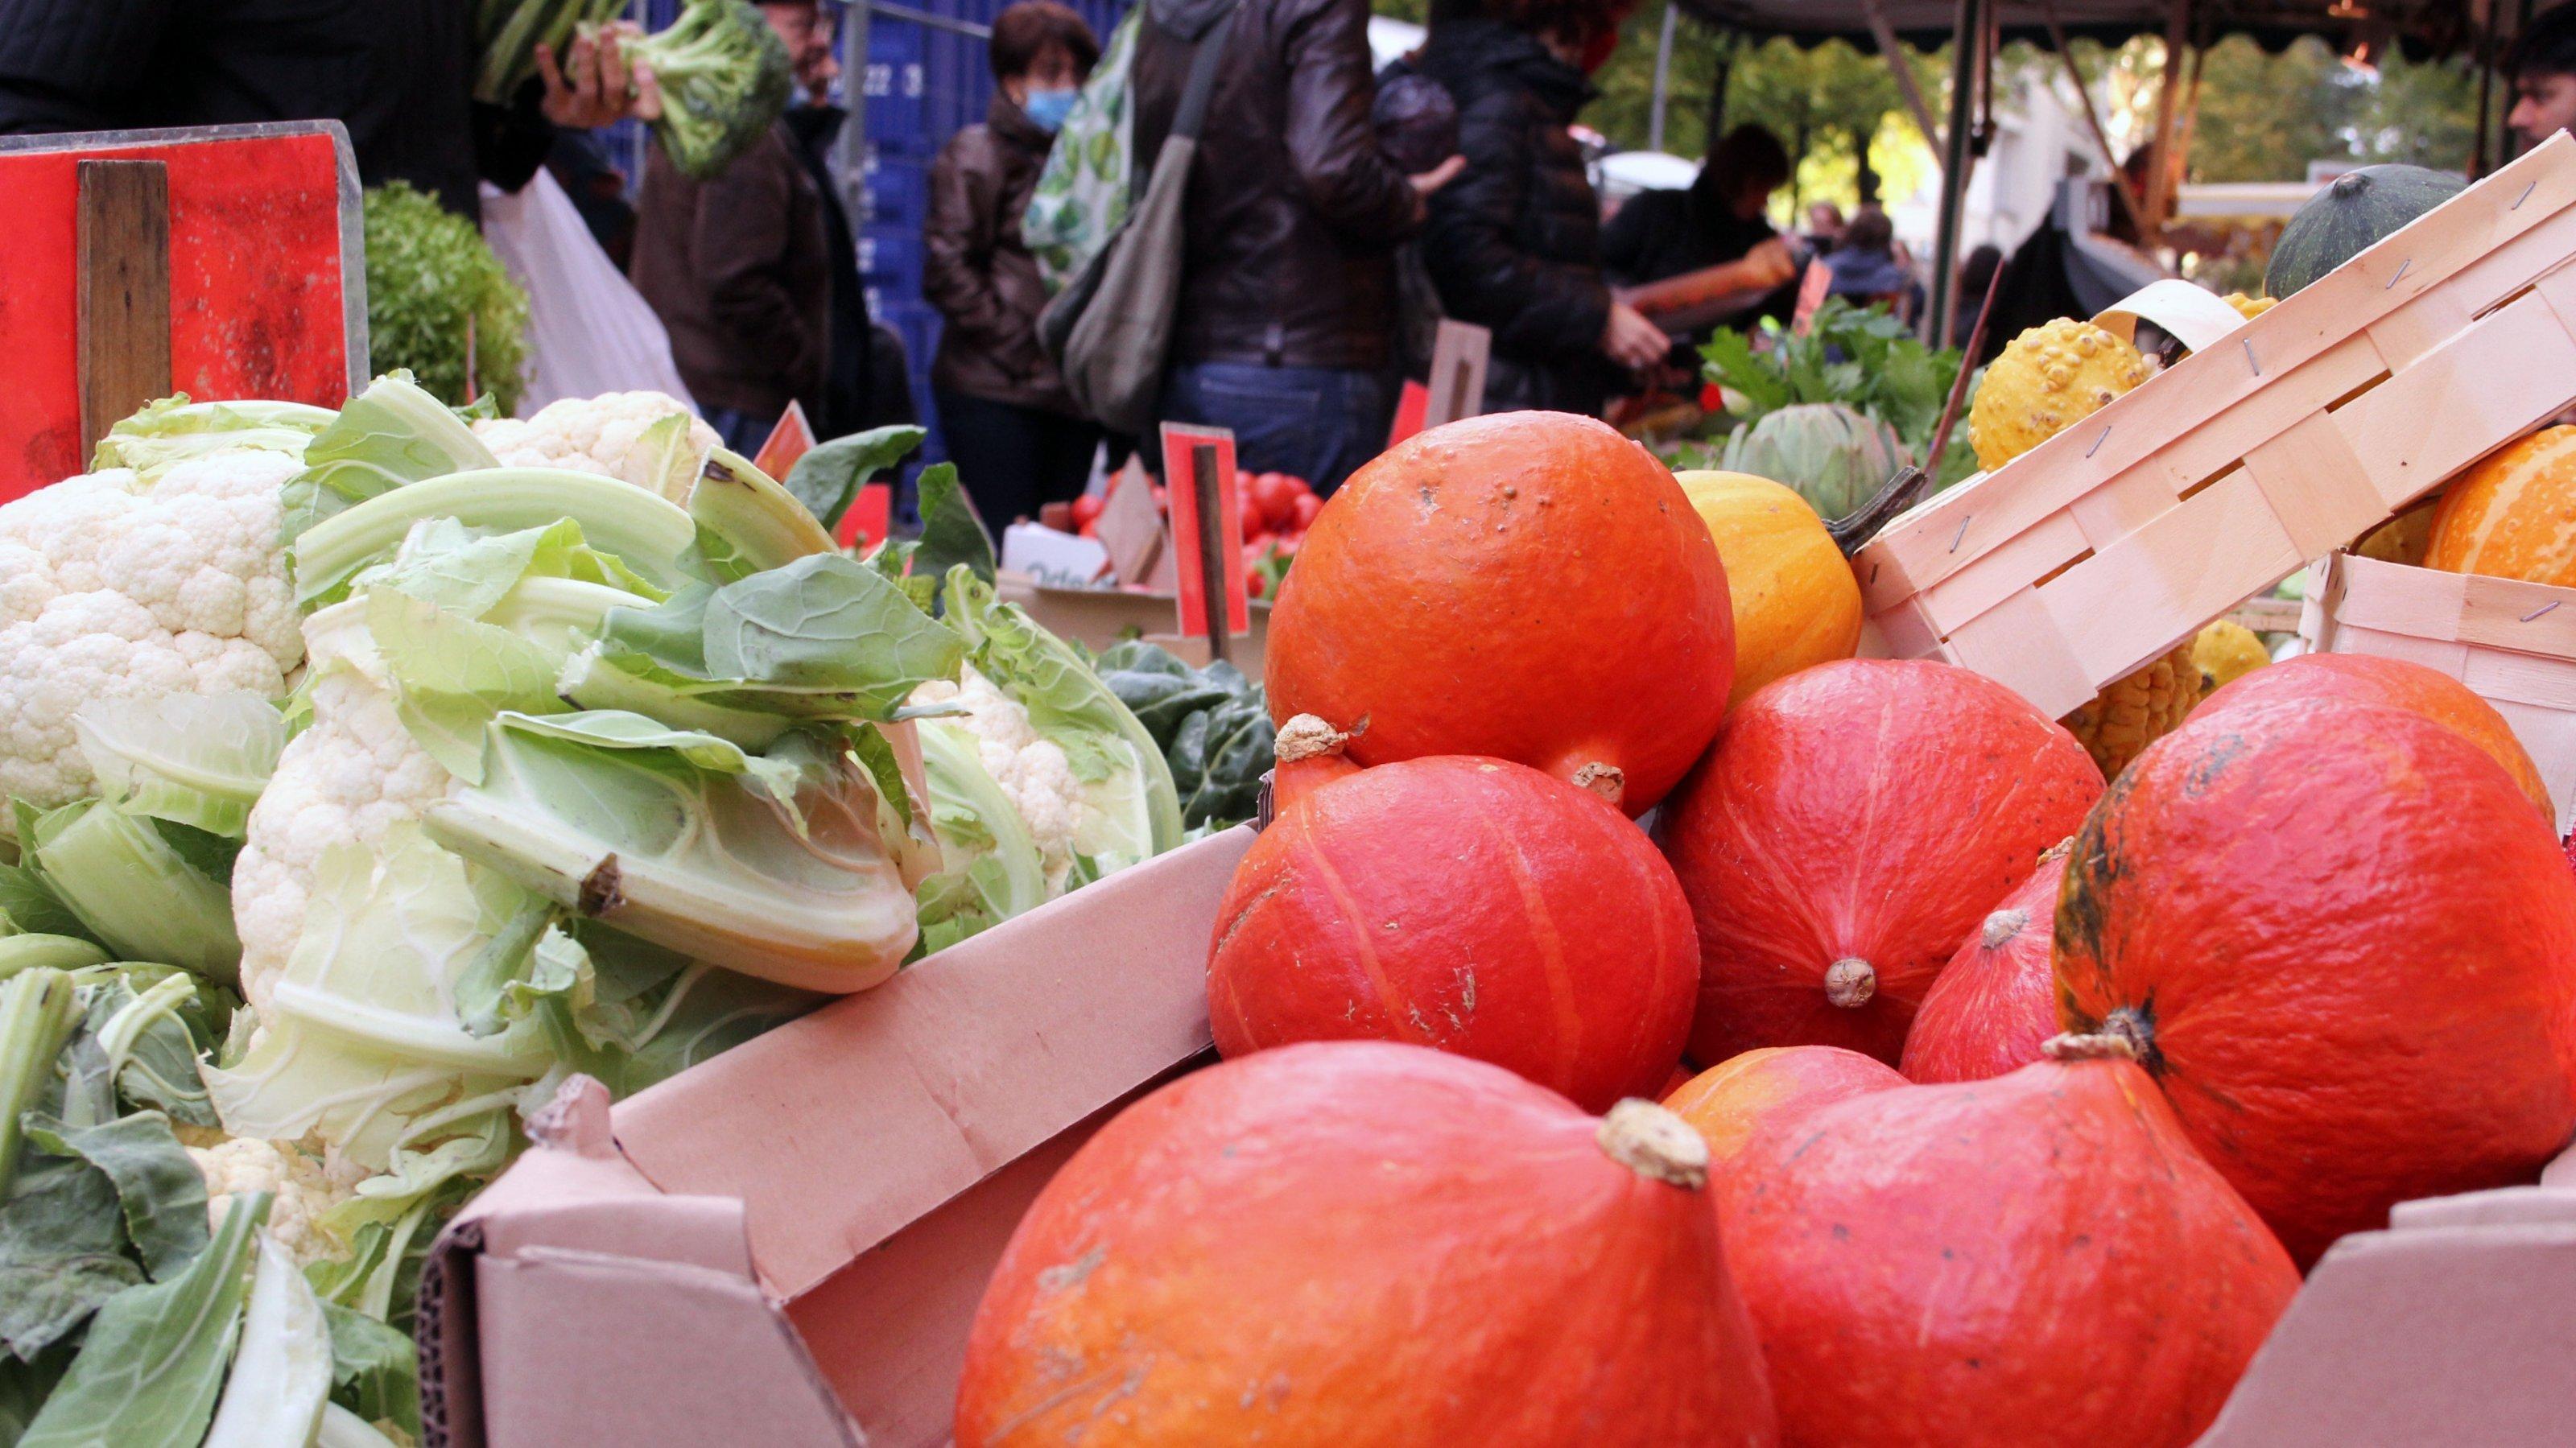 Stapel von Hokkaido-Kürbissen und Blumenkohlköpfen auf dem Markt